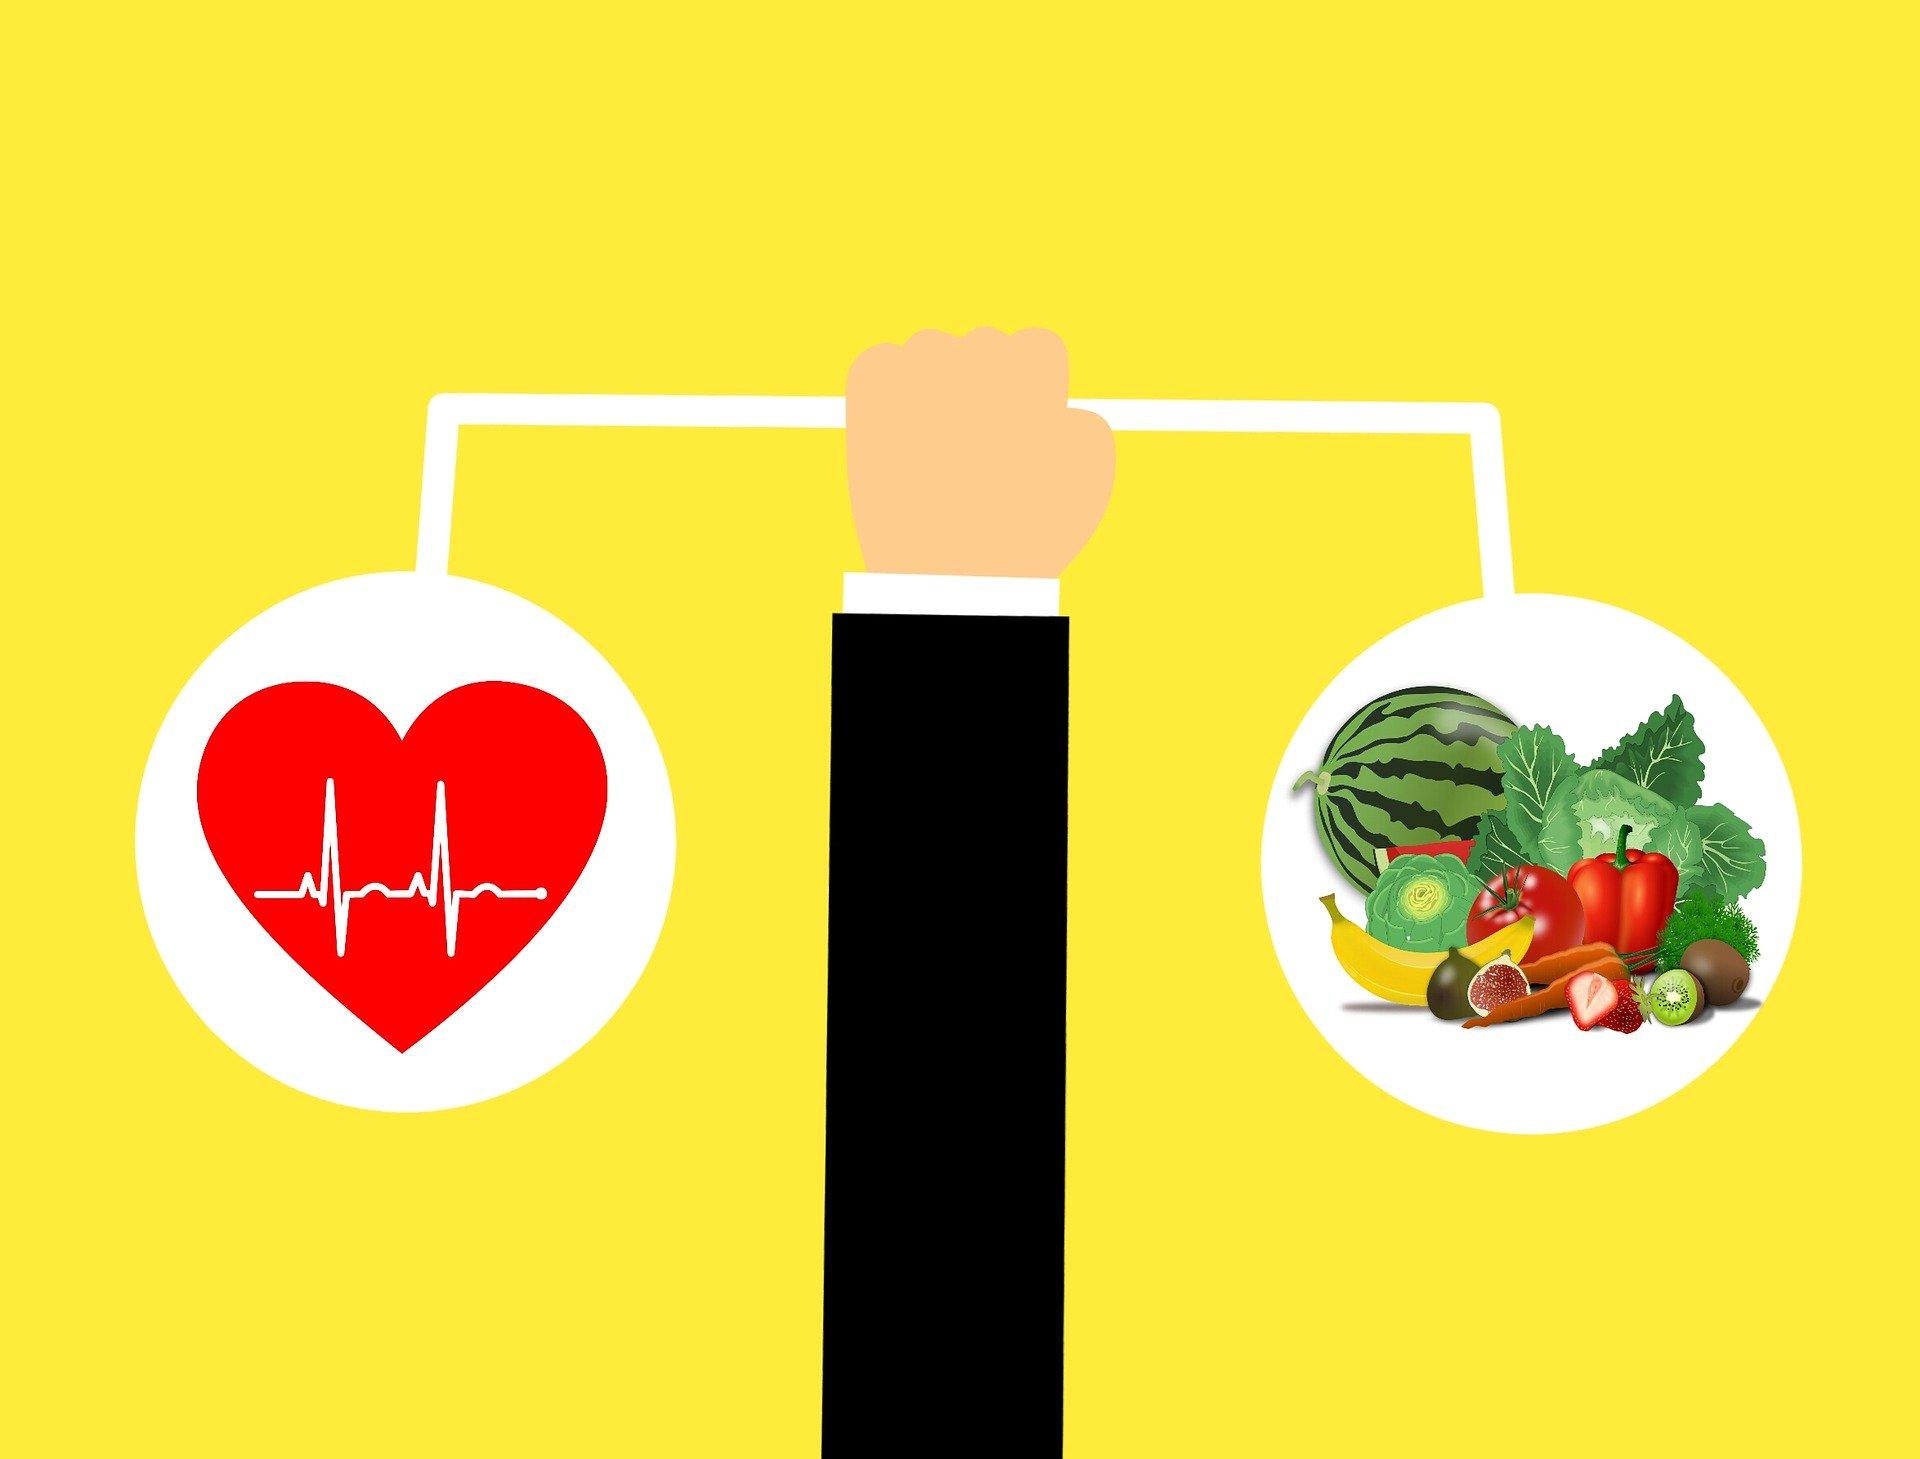 উচ্চরক্তচাপ (high blood pressure) ও নিরামিষ আহার (vegetarian)